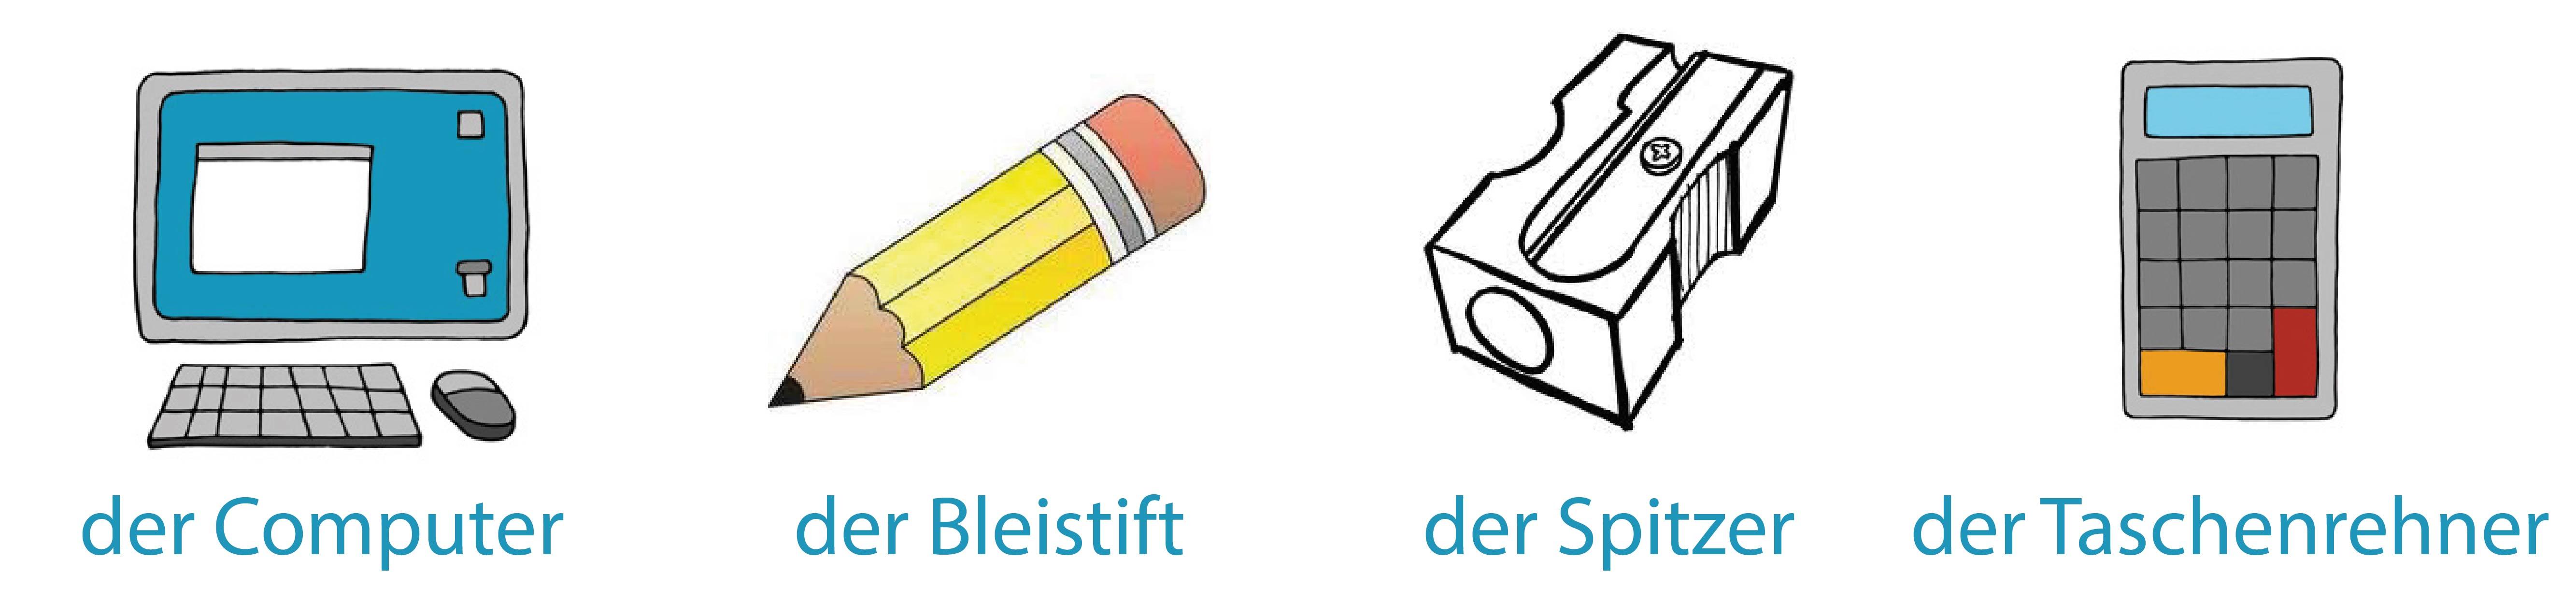 Almanca Okul Eşyaları ve Artikelleri